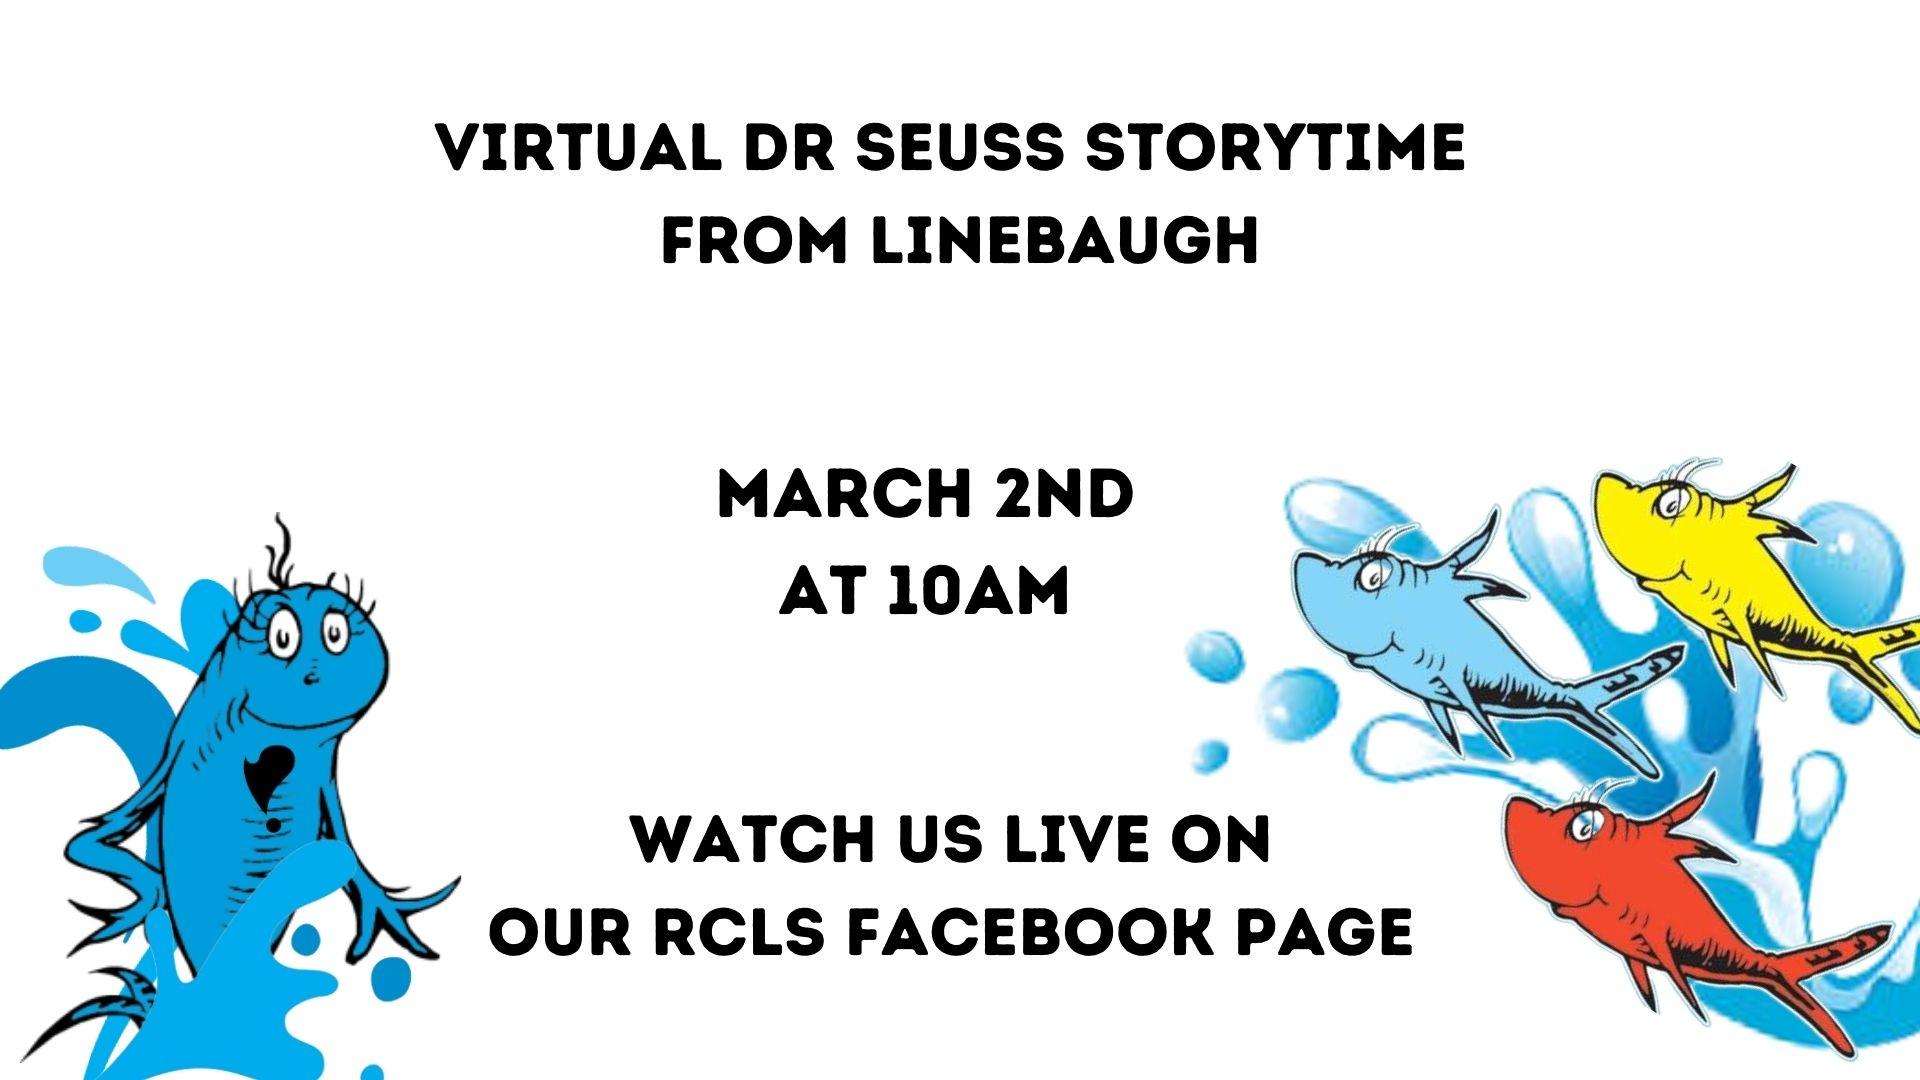 Dr. Seuss Virtual Story Time